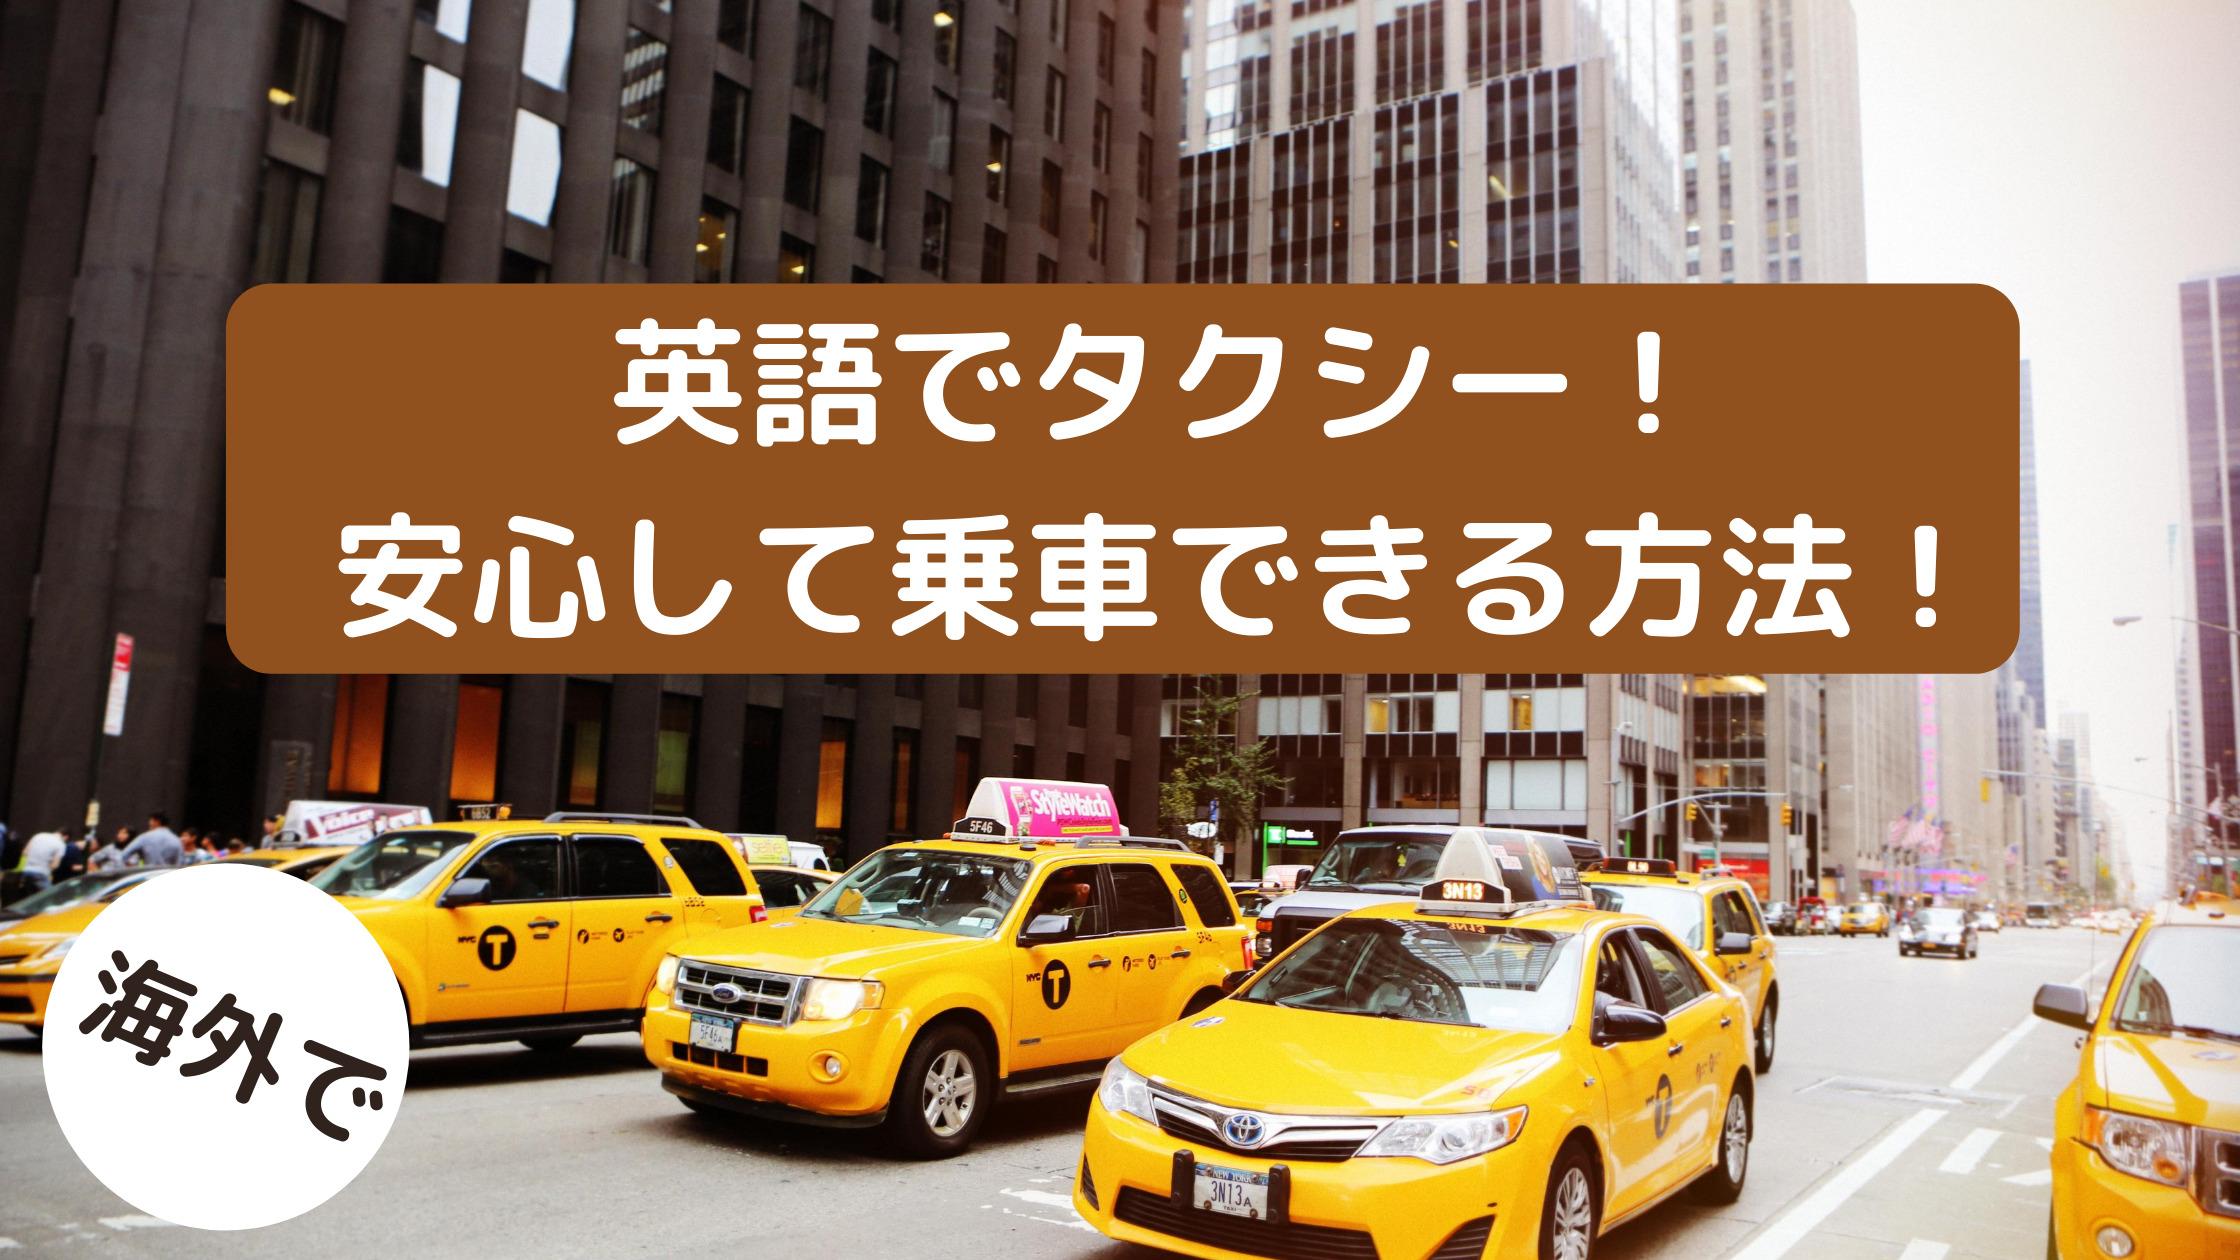 海外でタクシー 英語